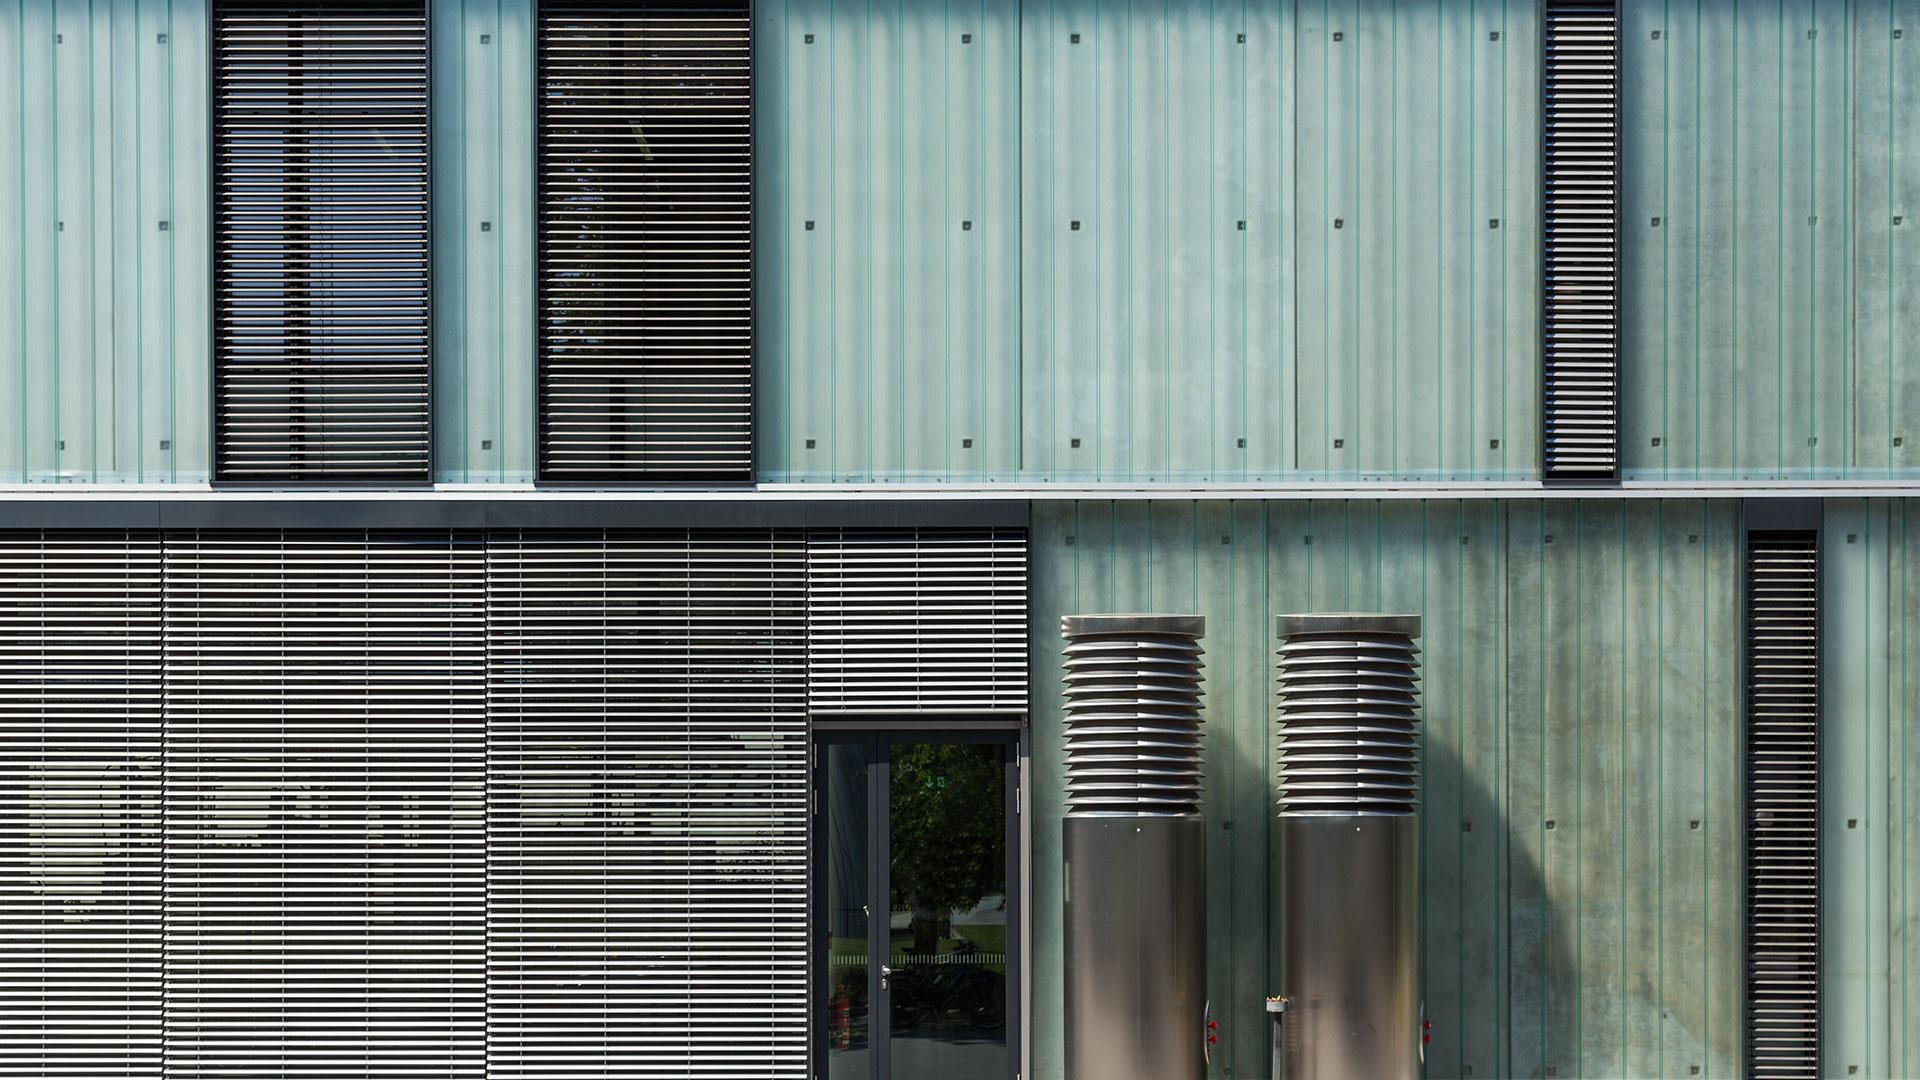 Physikalisches Institut Heidelberg 3 - ArGe Architekten